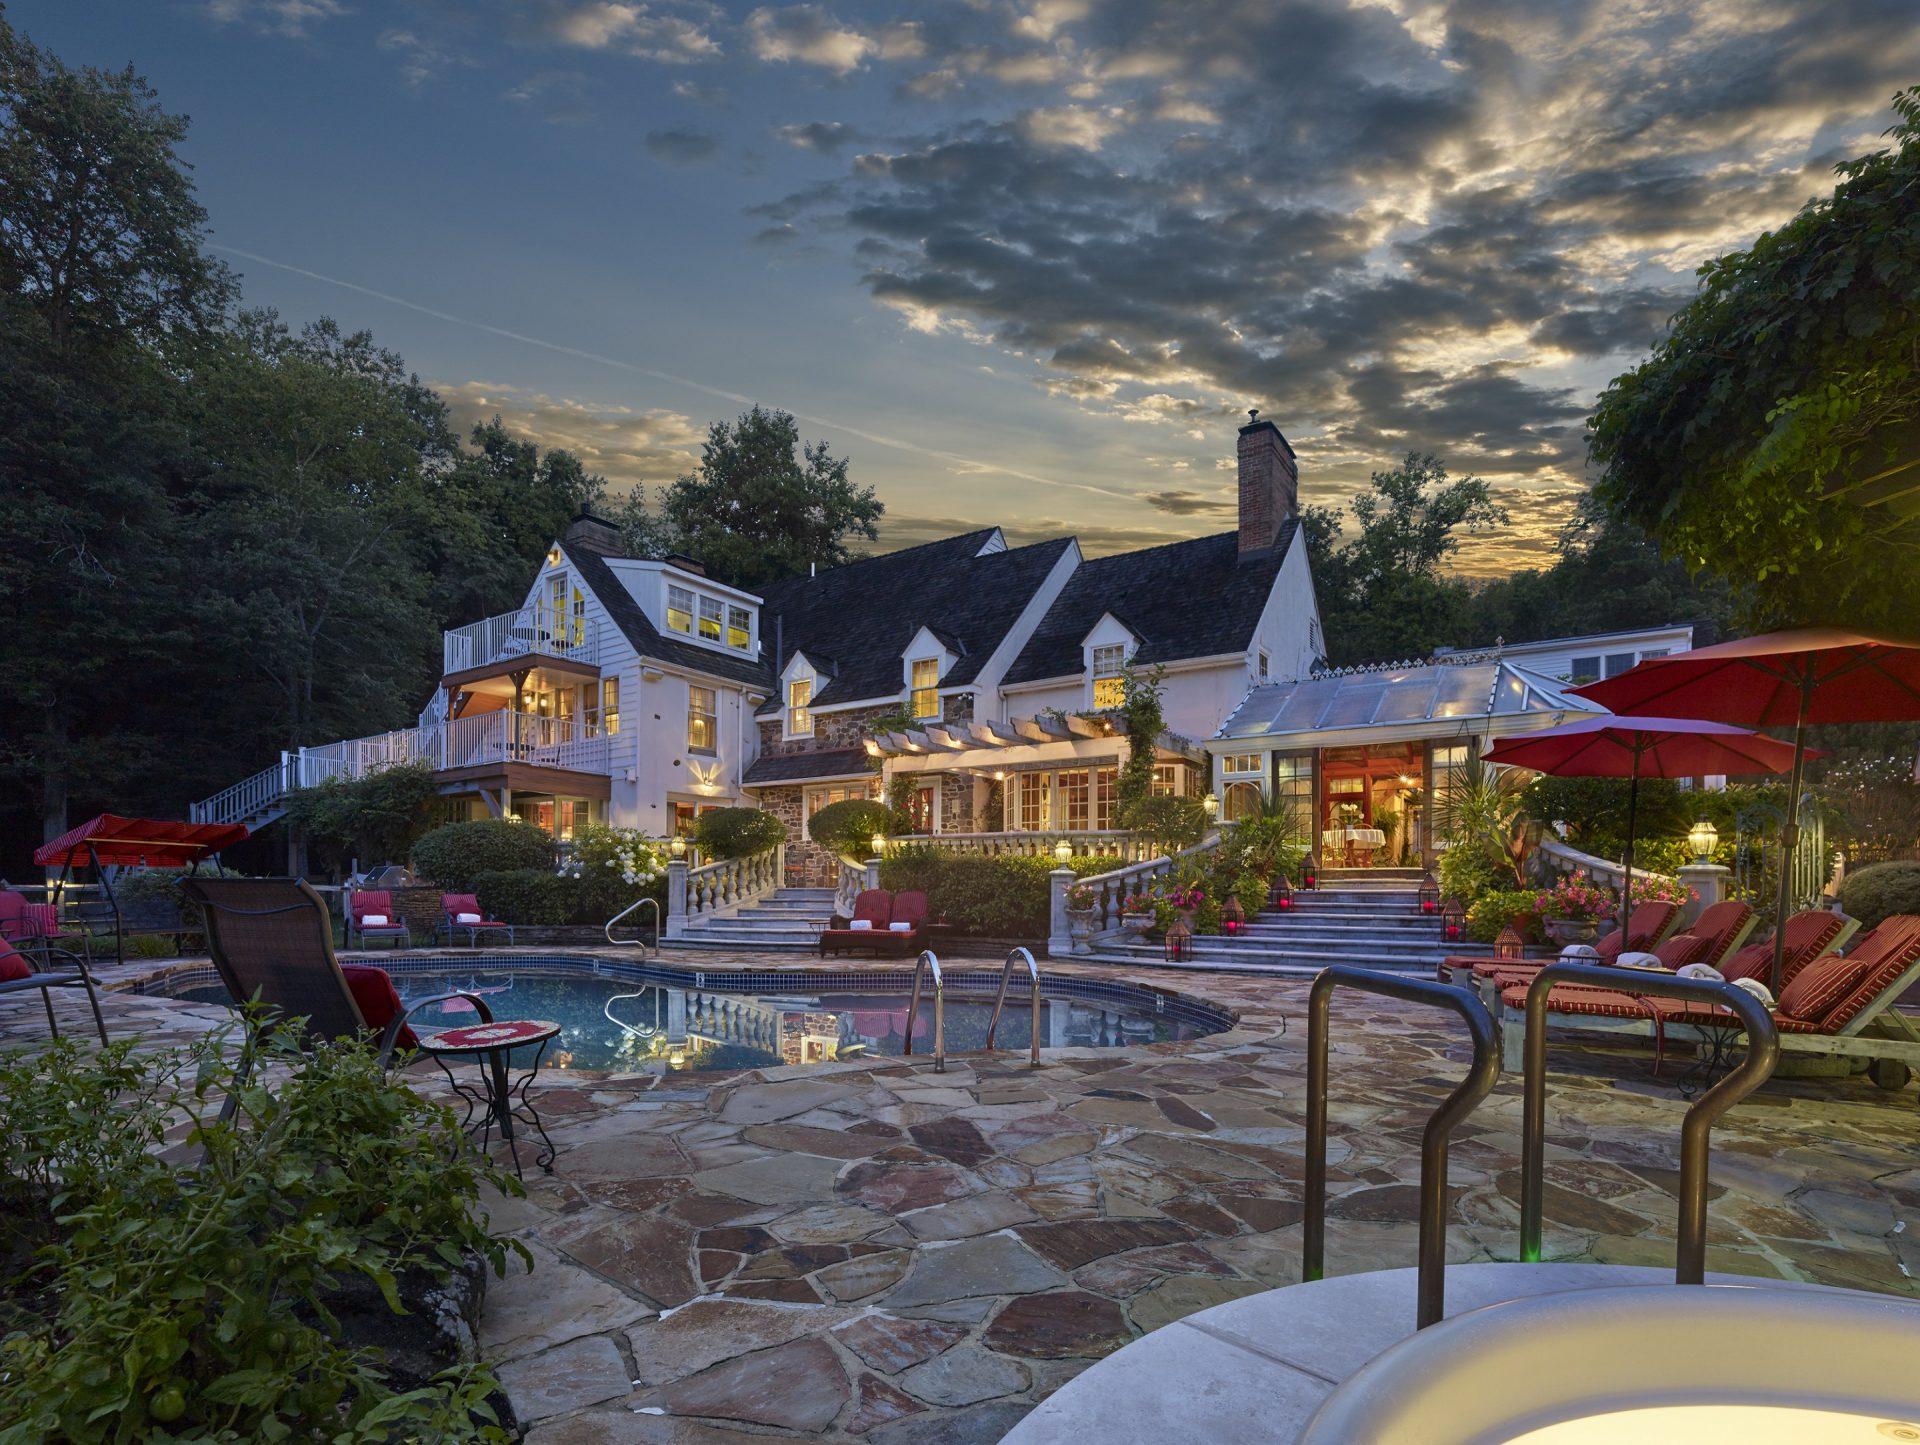 The Inn at Bowmans Hill pool